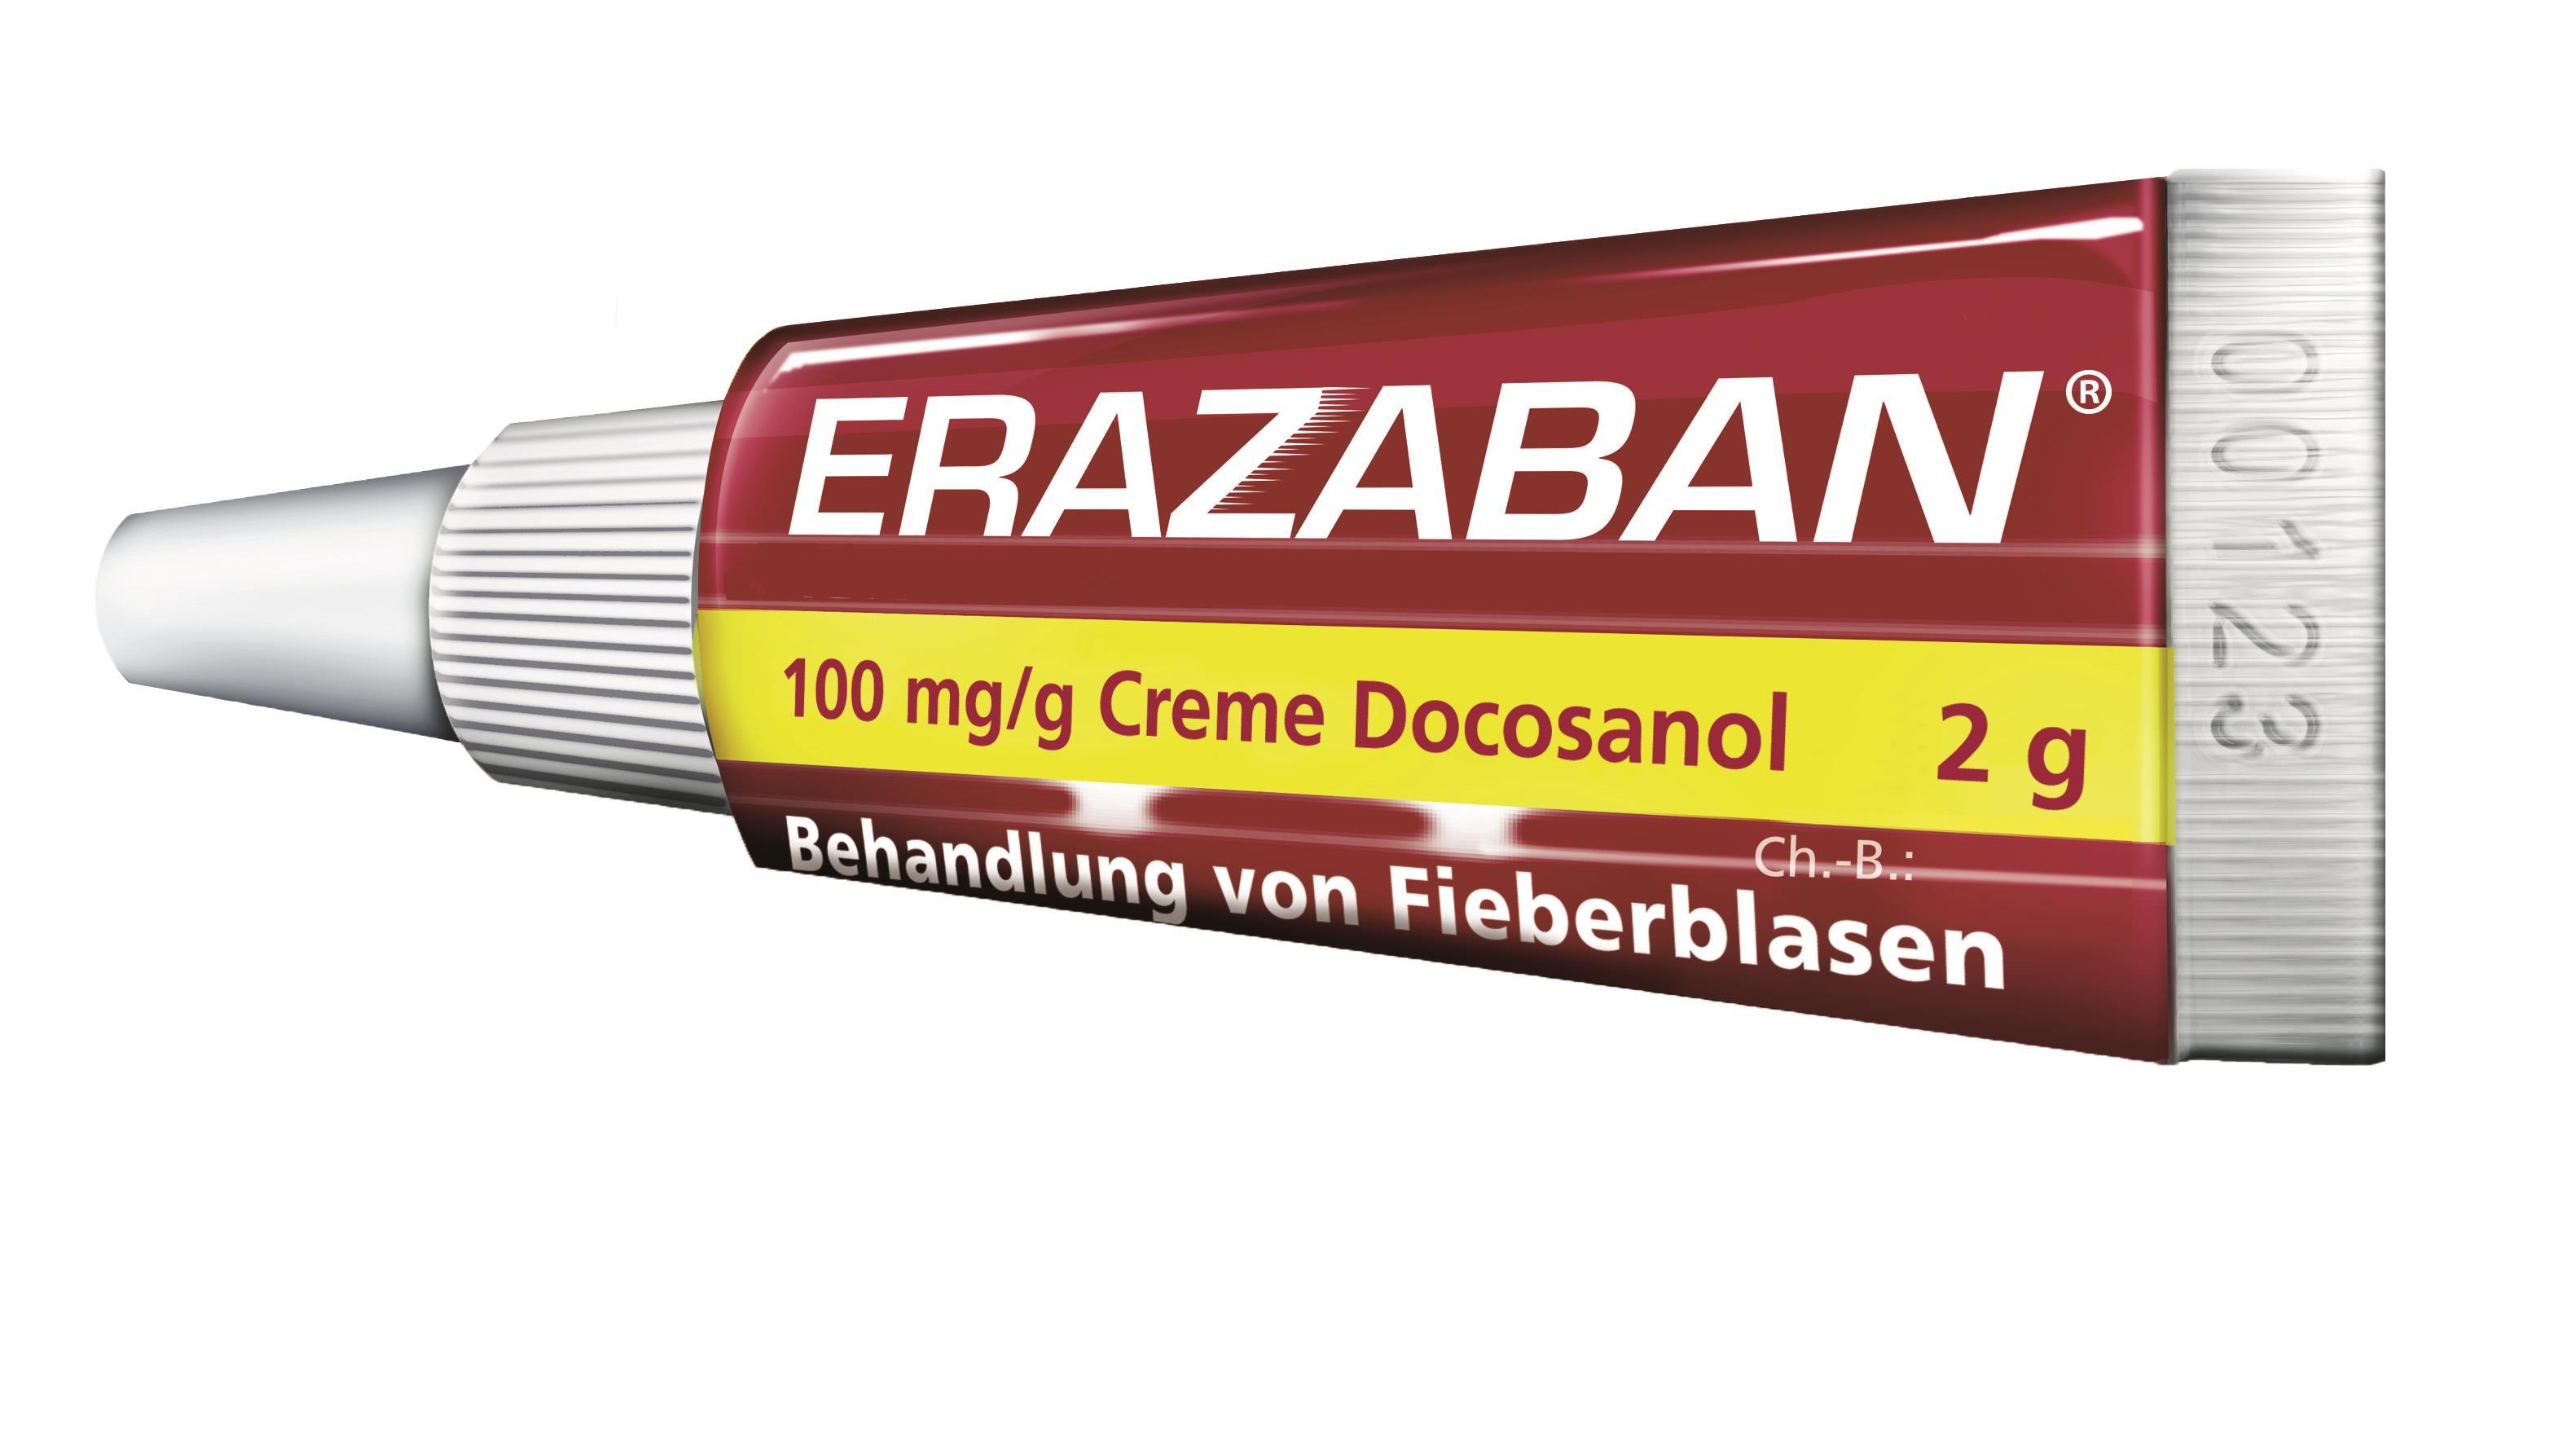 ERAZABAN 100mg/g Creme